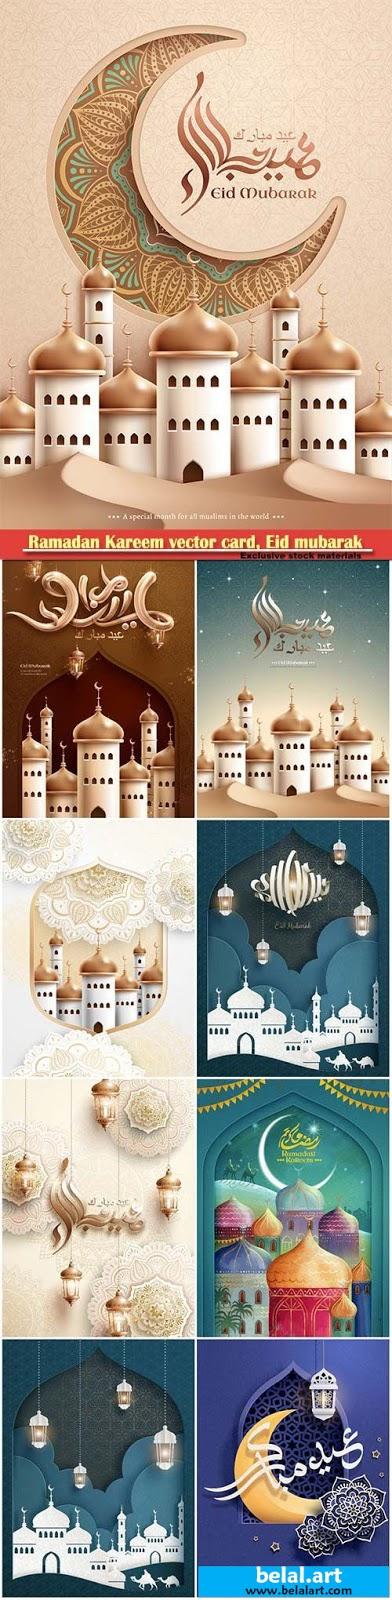 تحميل ملحقات عيد الاضحى2019 ,تحميل تصاميم العيد لعام 2019 , تصاميم وملحقات عيد الاضحى 2019 -2020